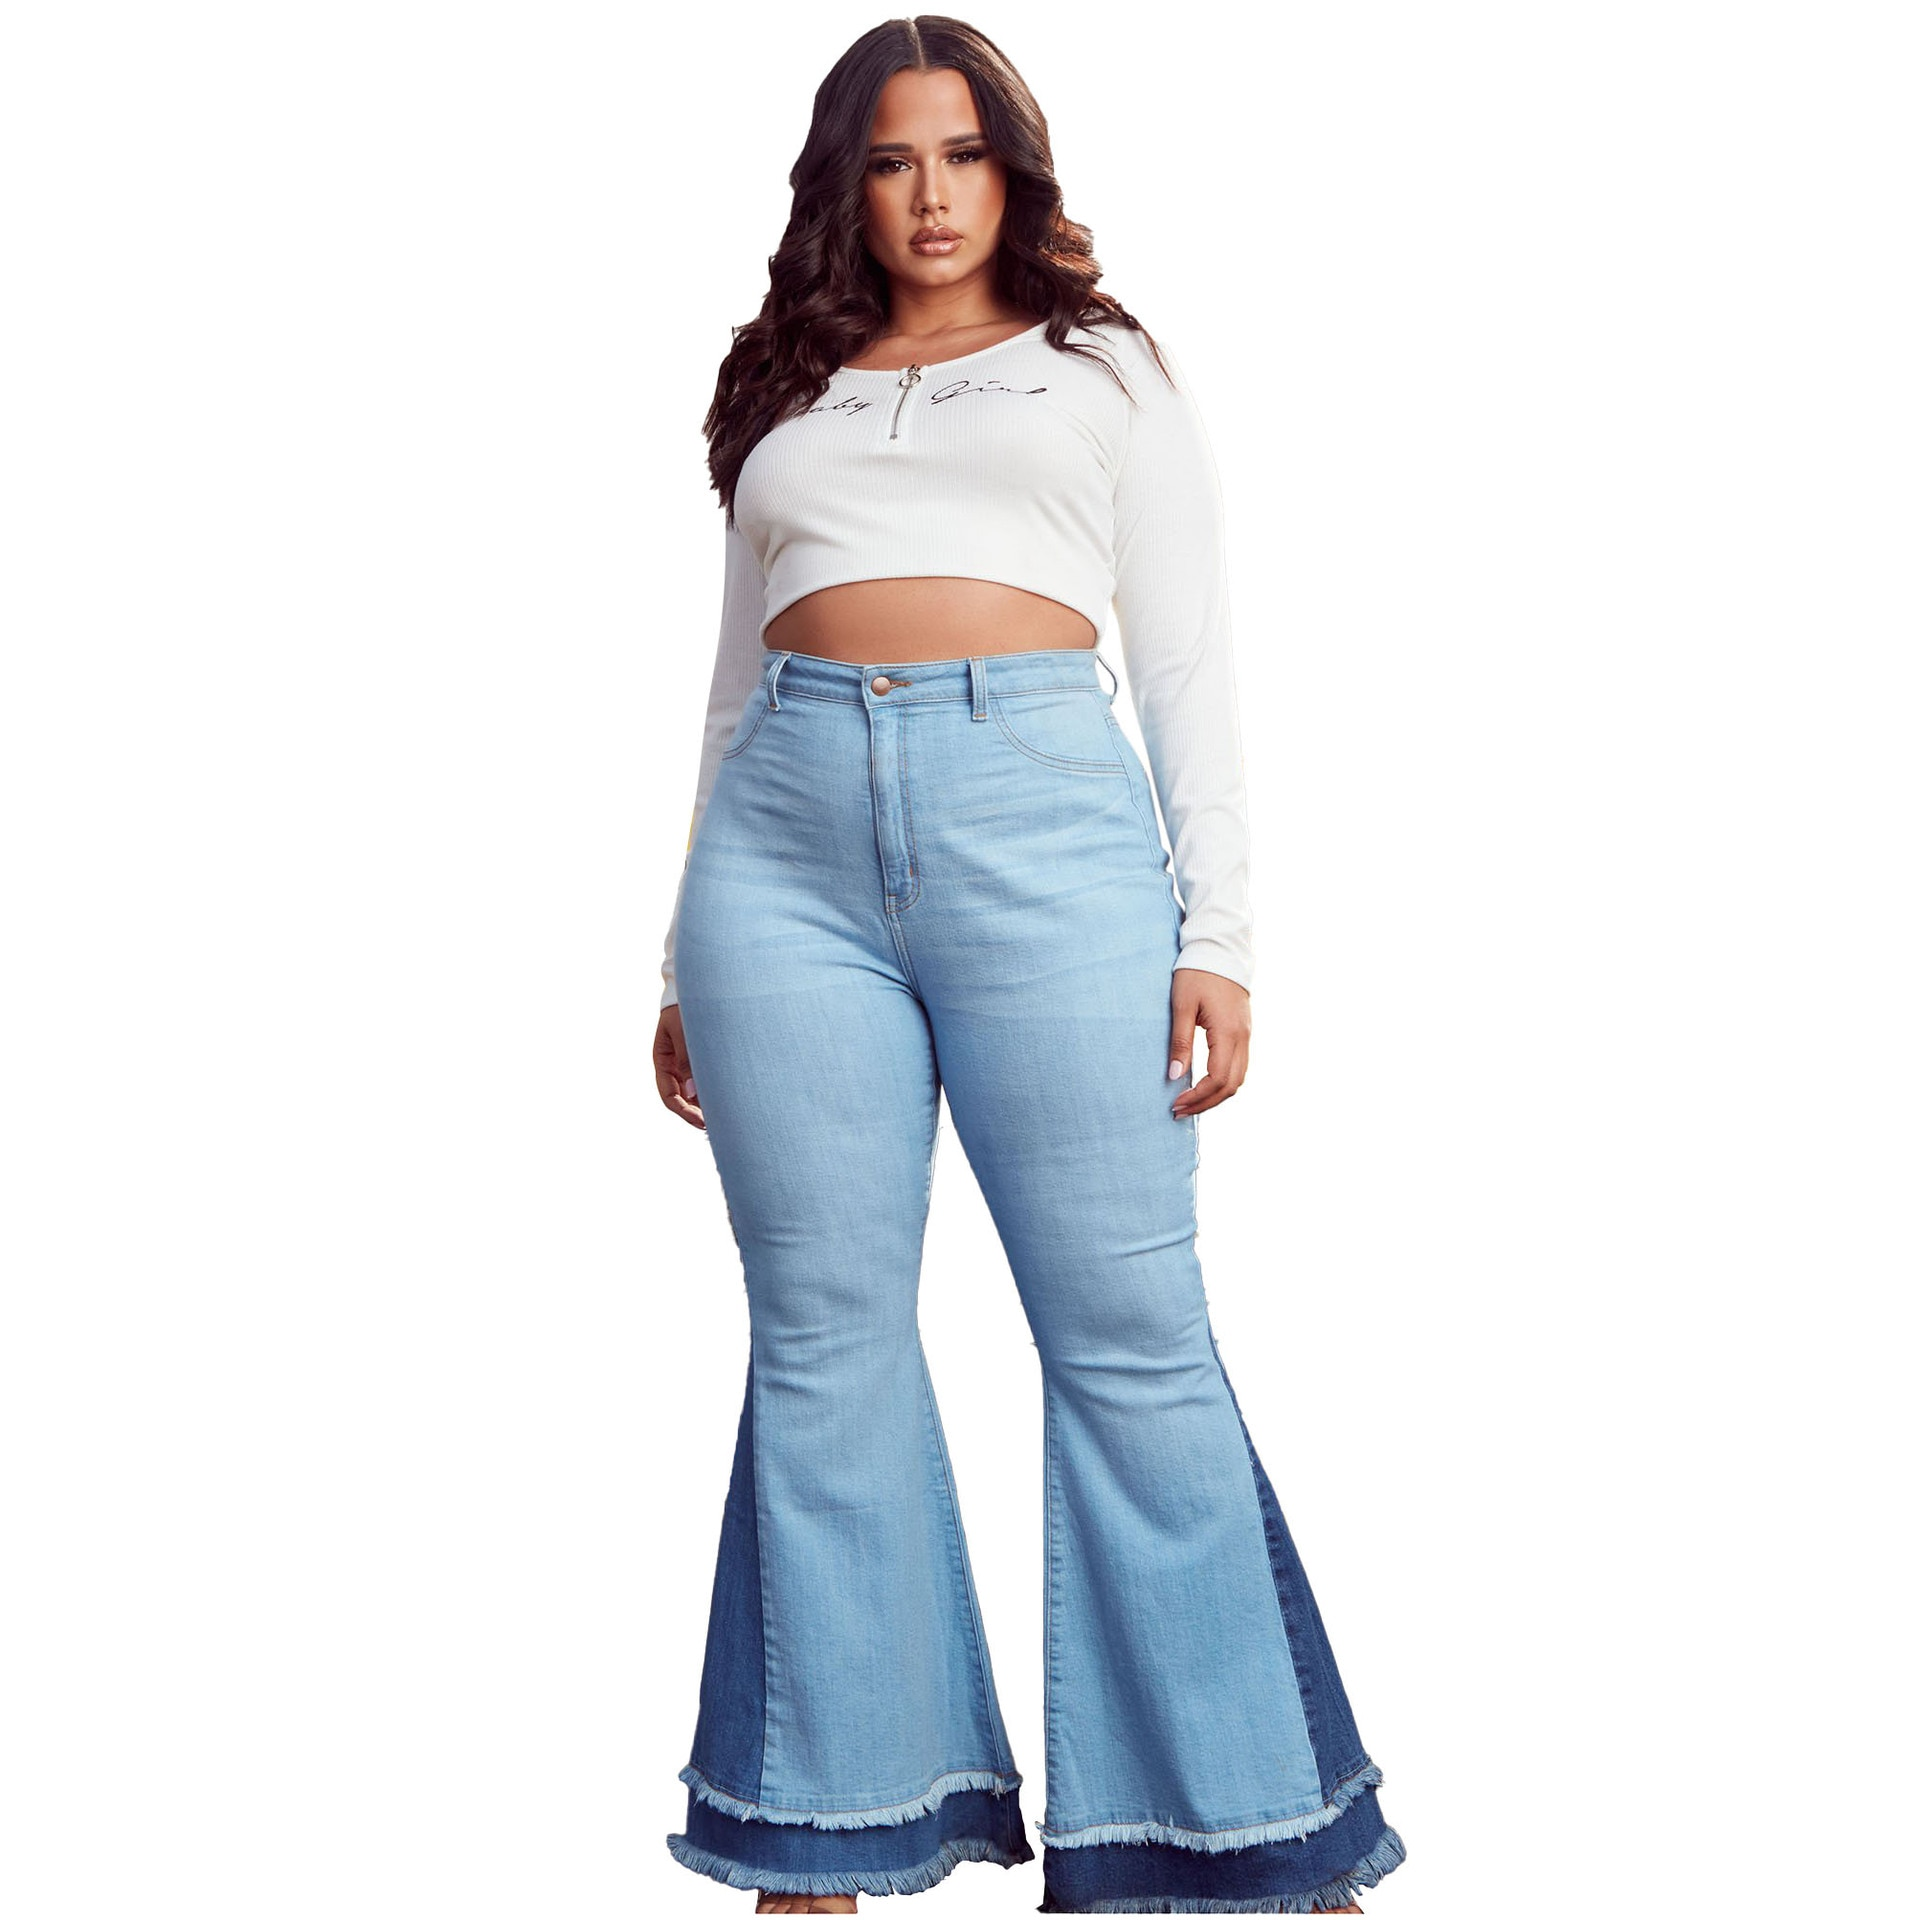 Универсальные широкие брюки-клеш, узкие Стрейчевые брюки-клеш с цветными блокировками, синие джинсы в стиле пэчворк, женские брюки